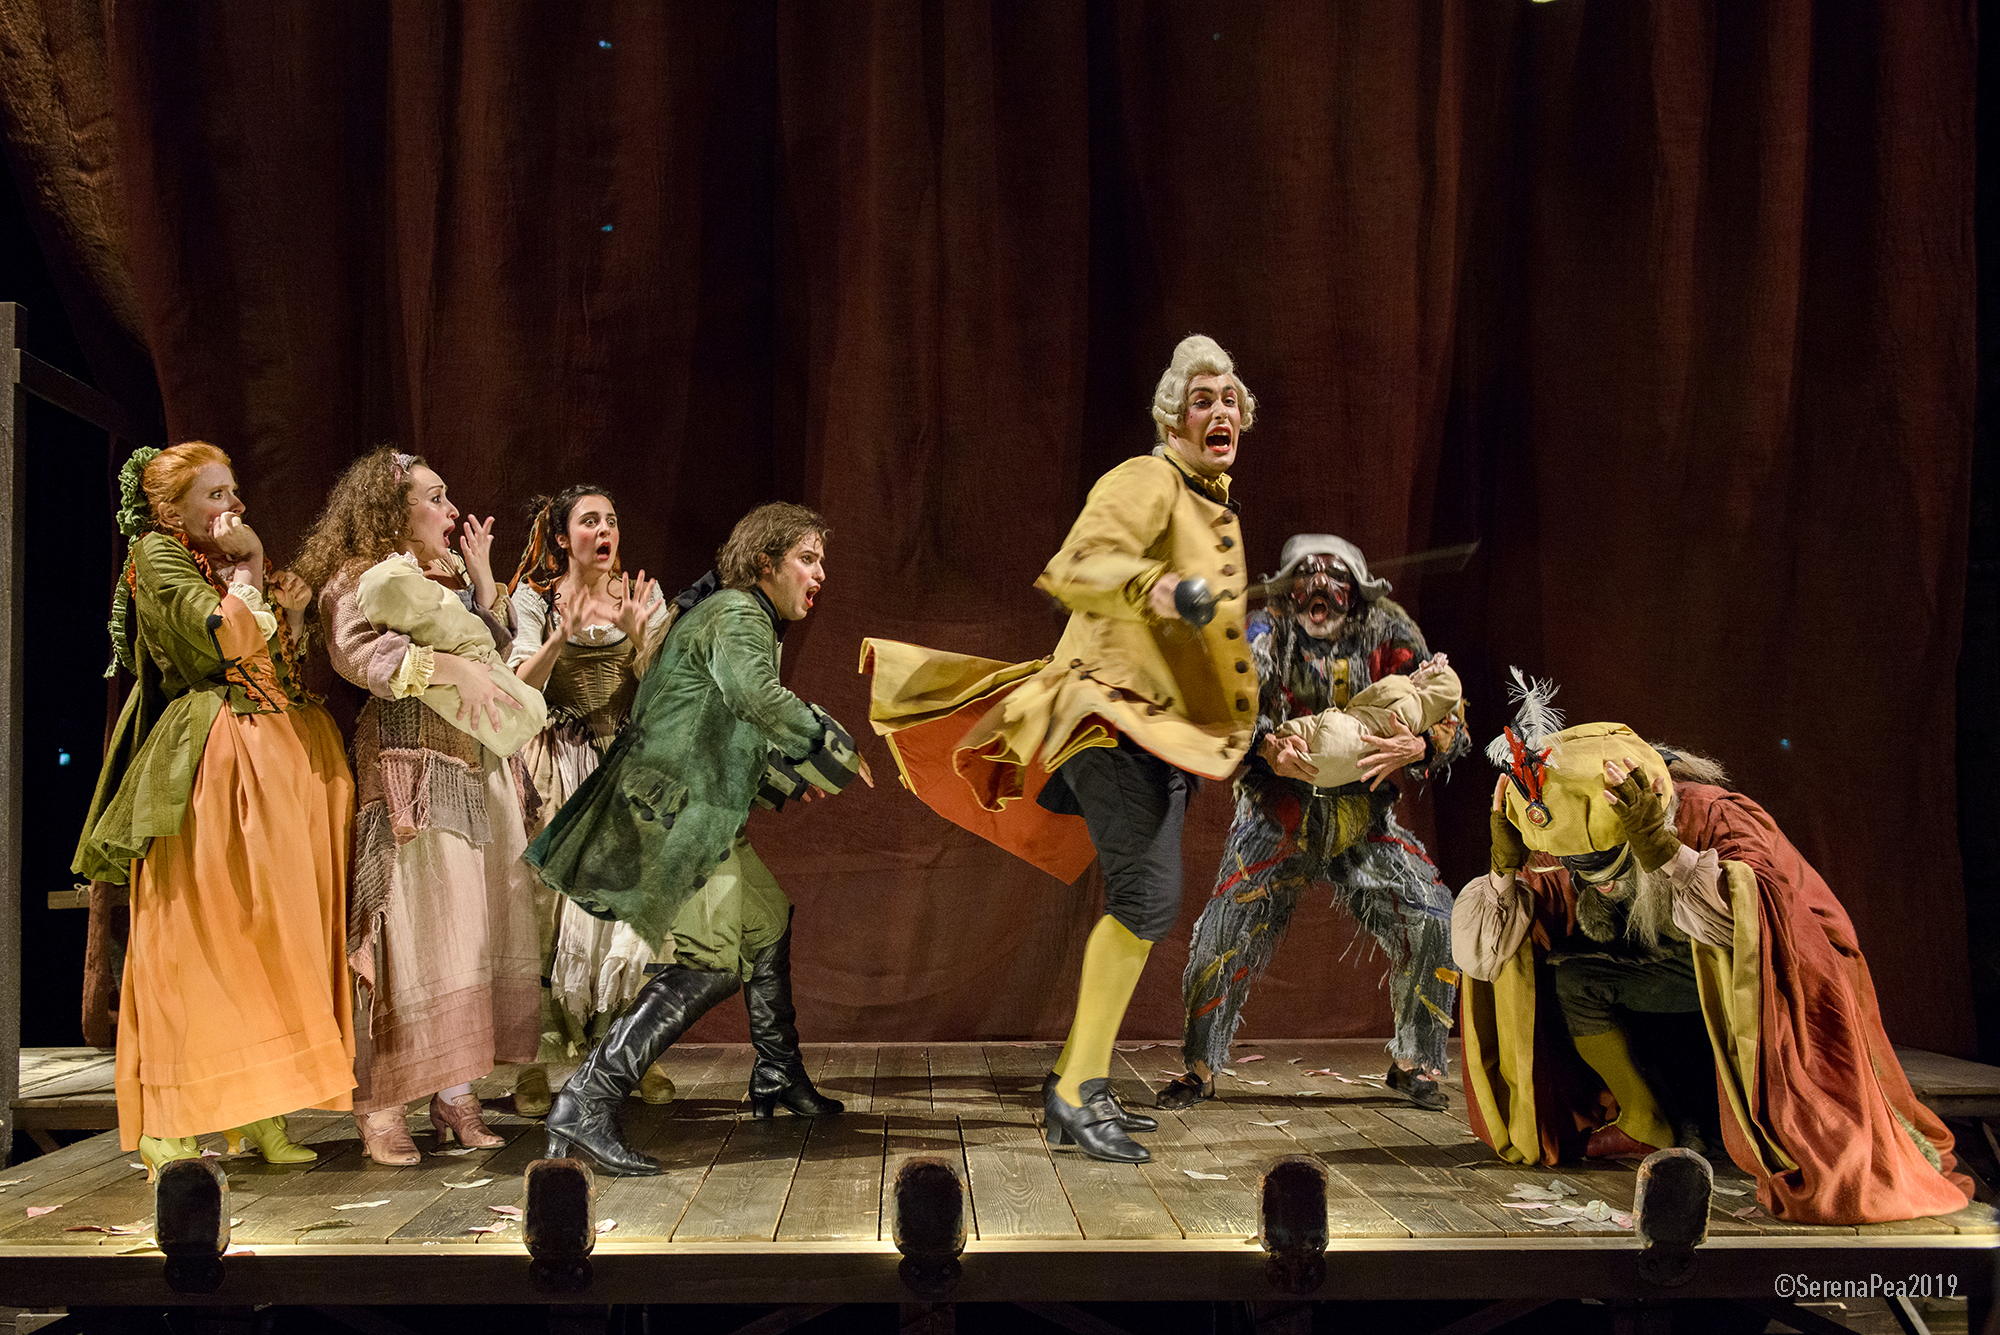 Arlecchino Teatro Goldoni